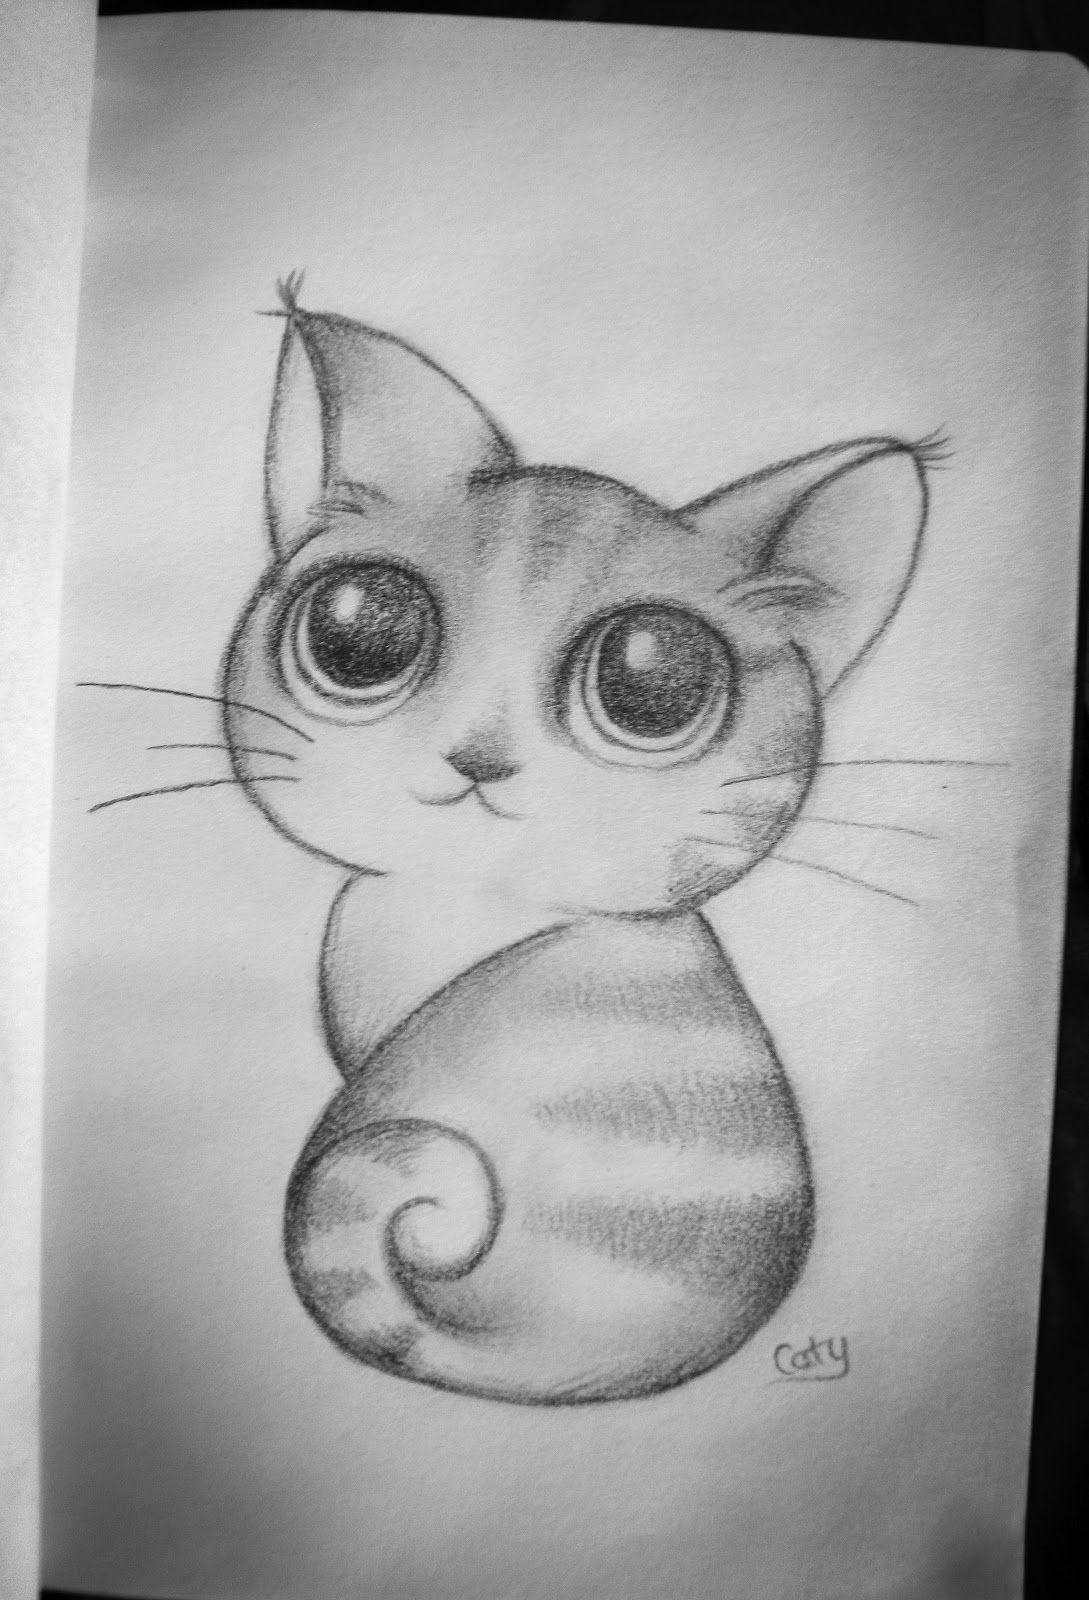 Ultimamente ho ricominciato a disegnare una di quelle for Disegno gatto facile